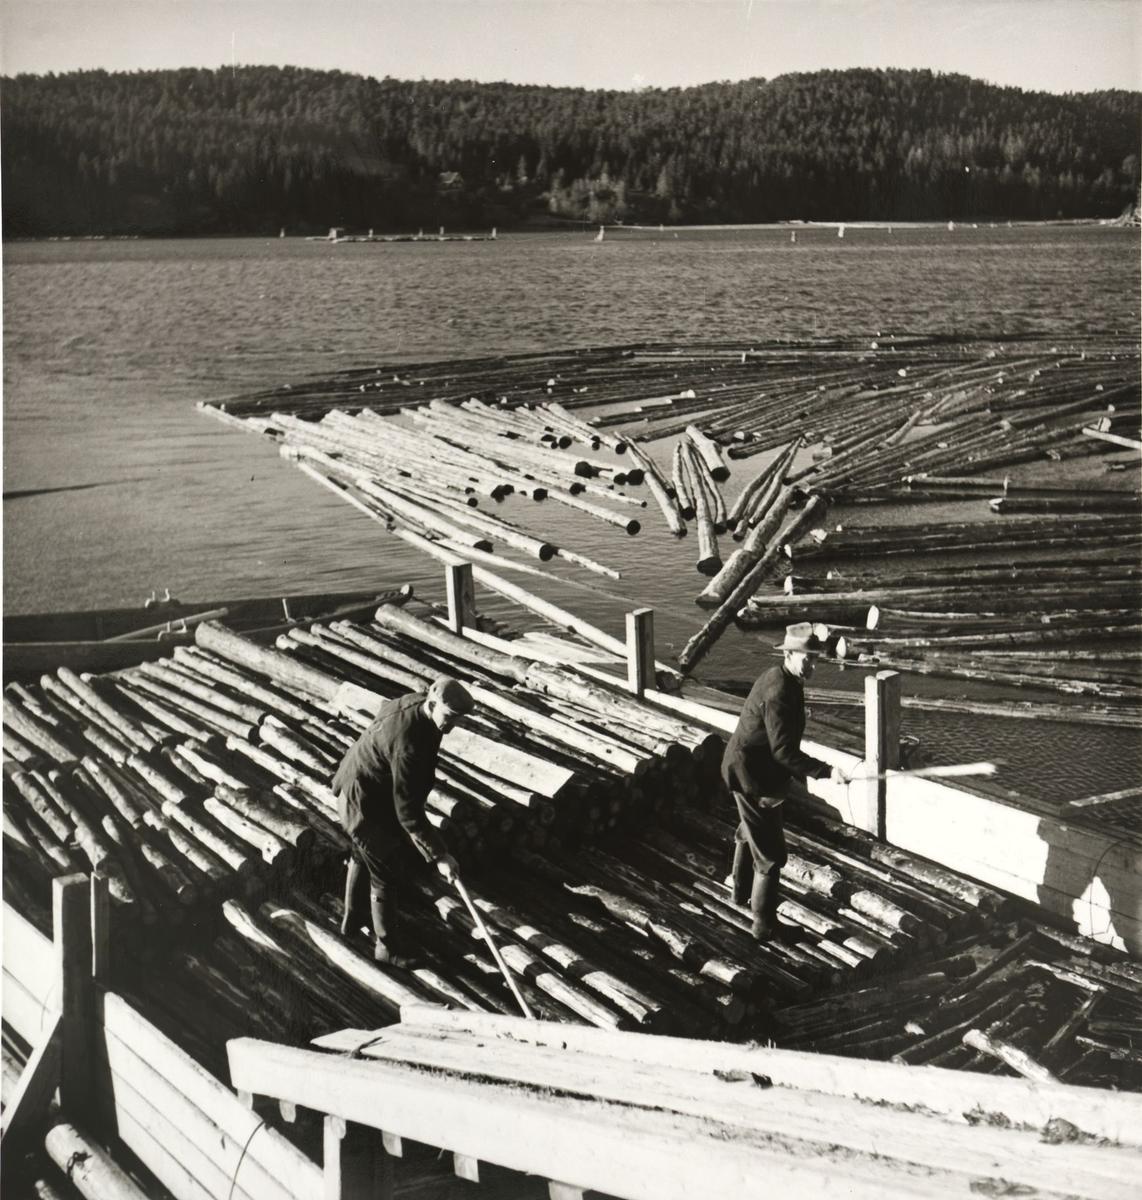 Bunting av tømmer for fløting ved Skulerud brygge.